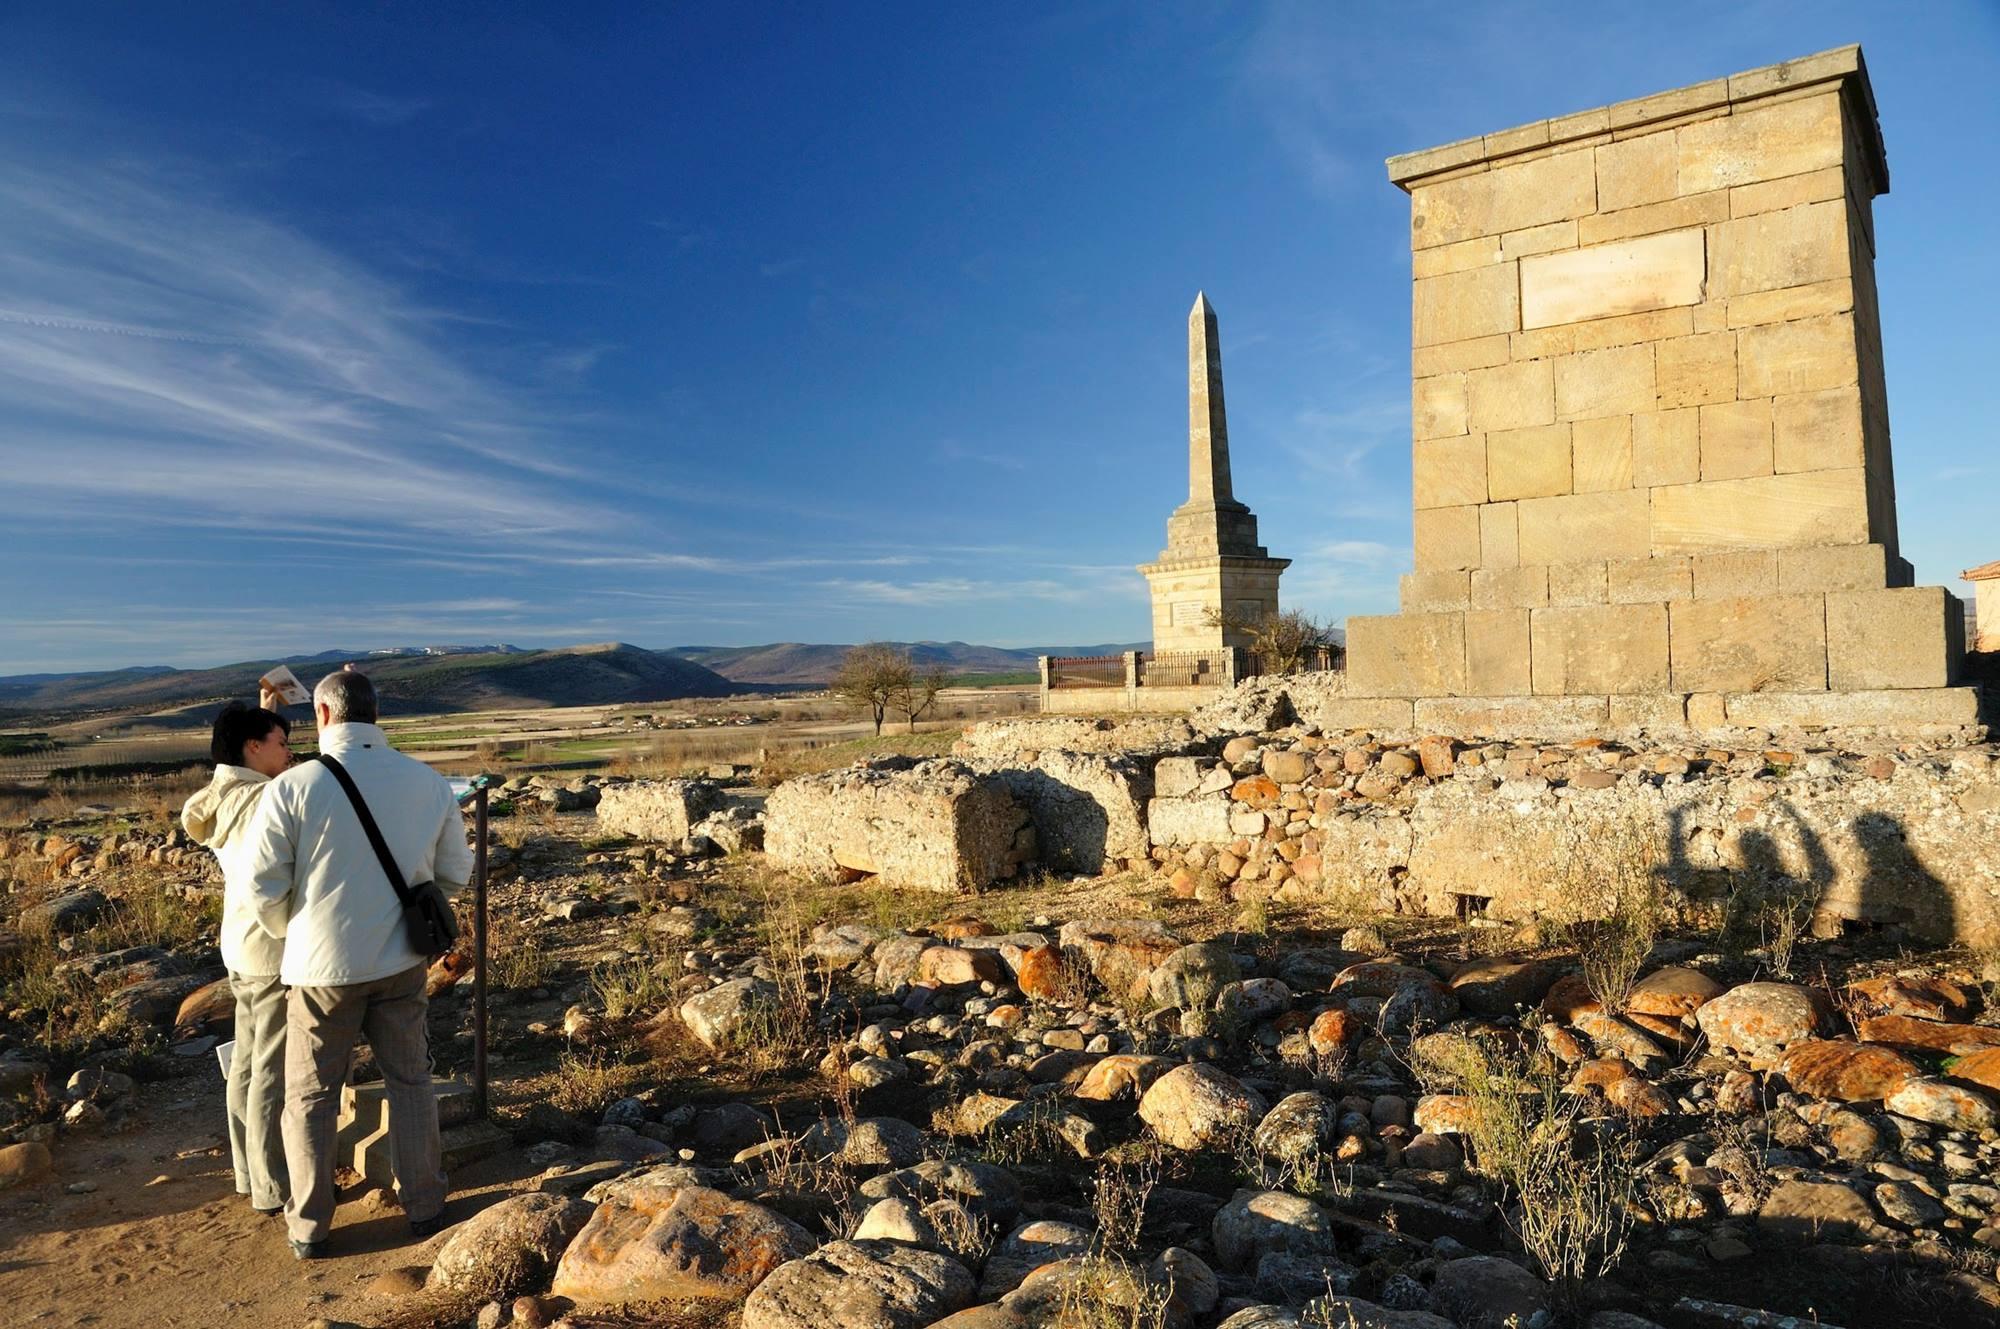 Lo que queda de la antigua Numancia se encuentra en la localidad actual de Garray. Foto: Agestock